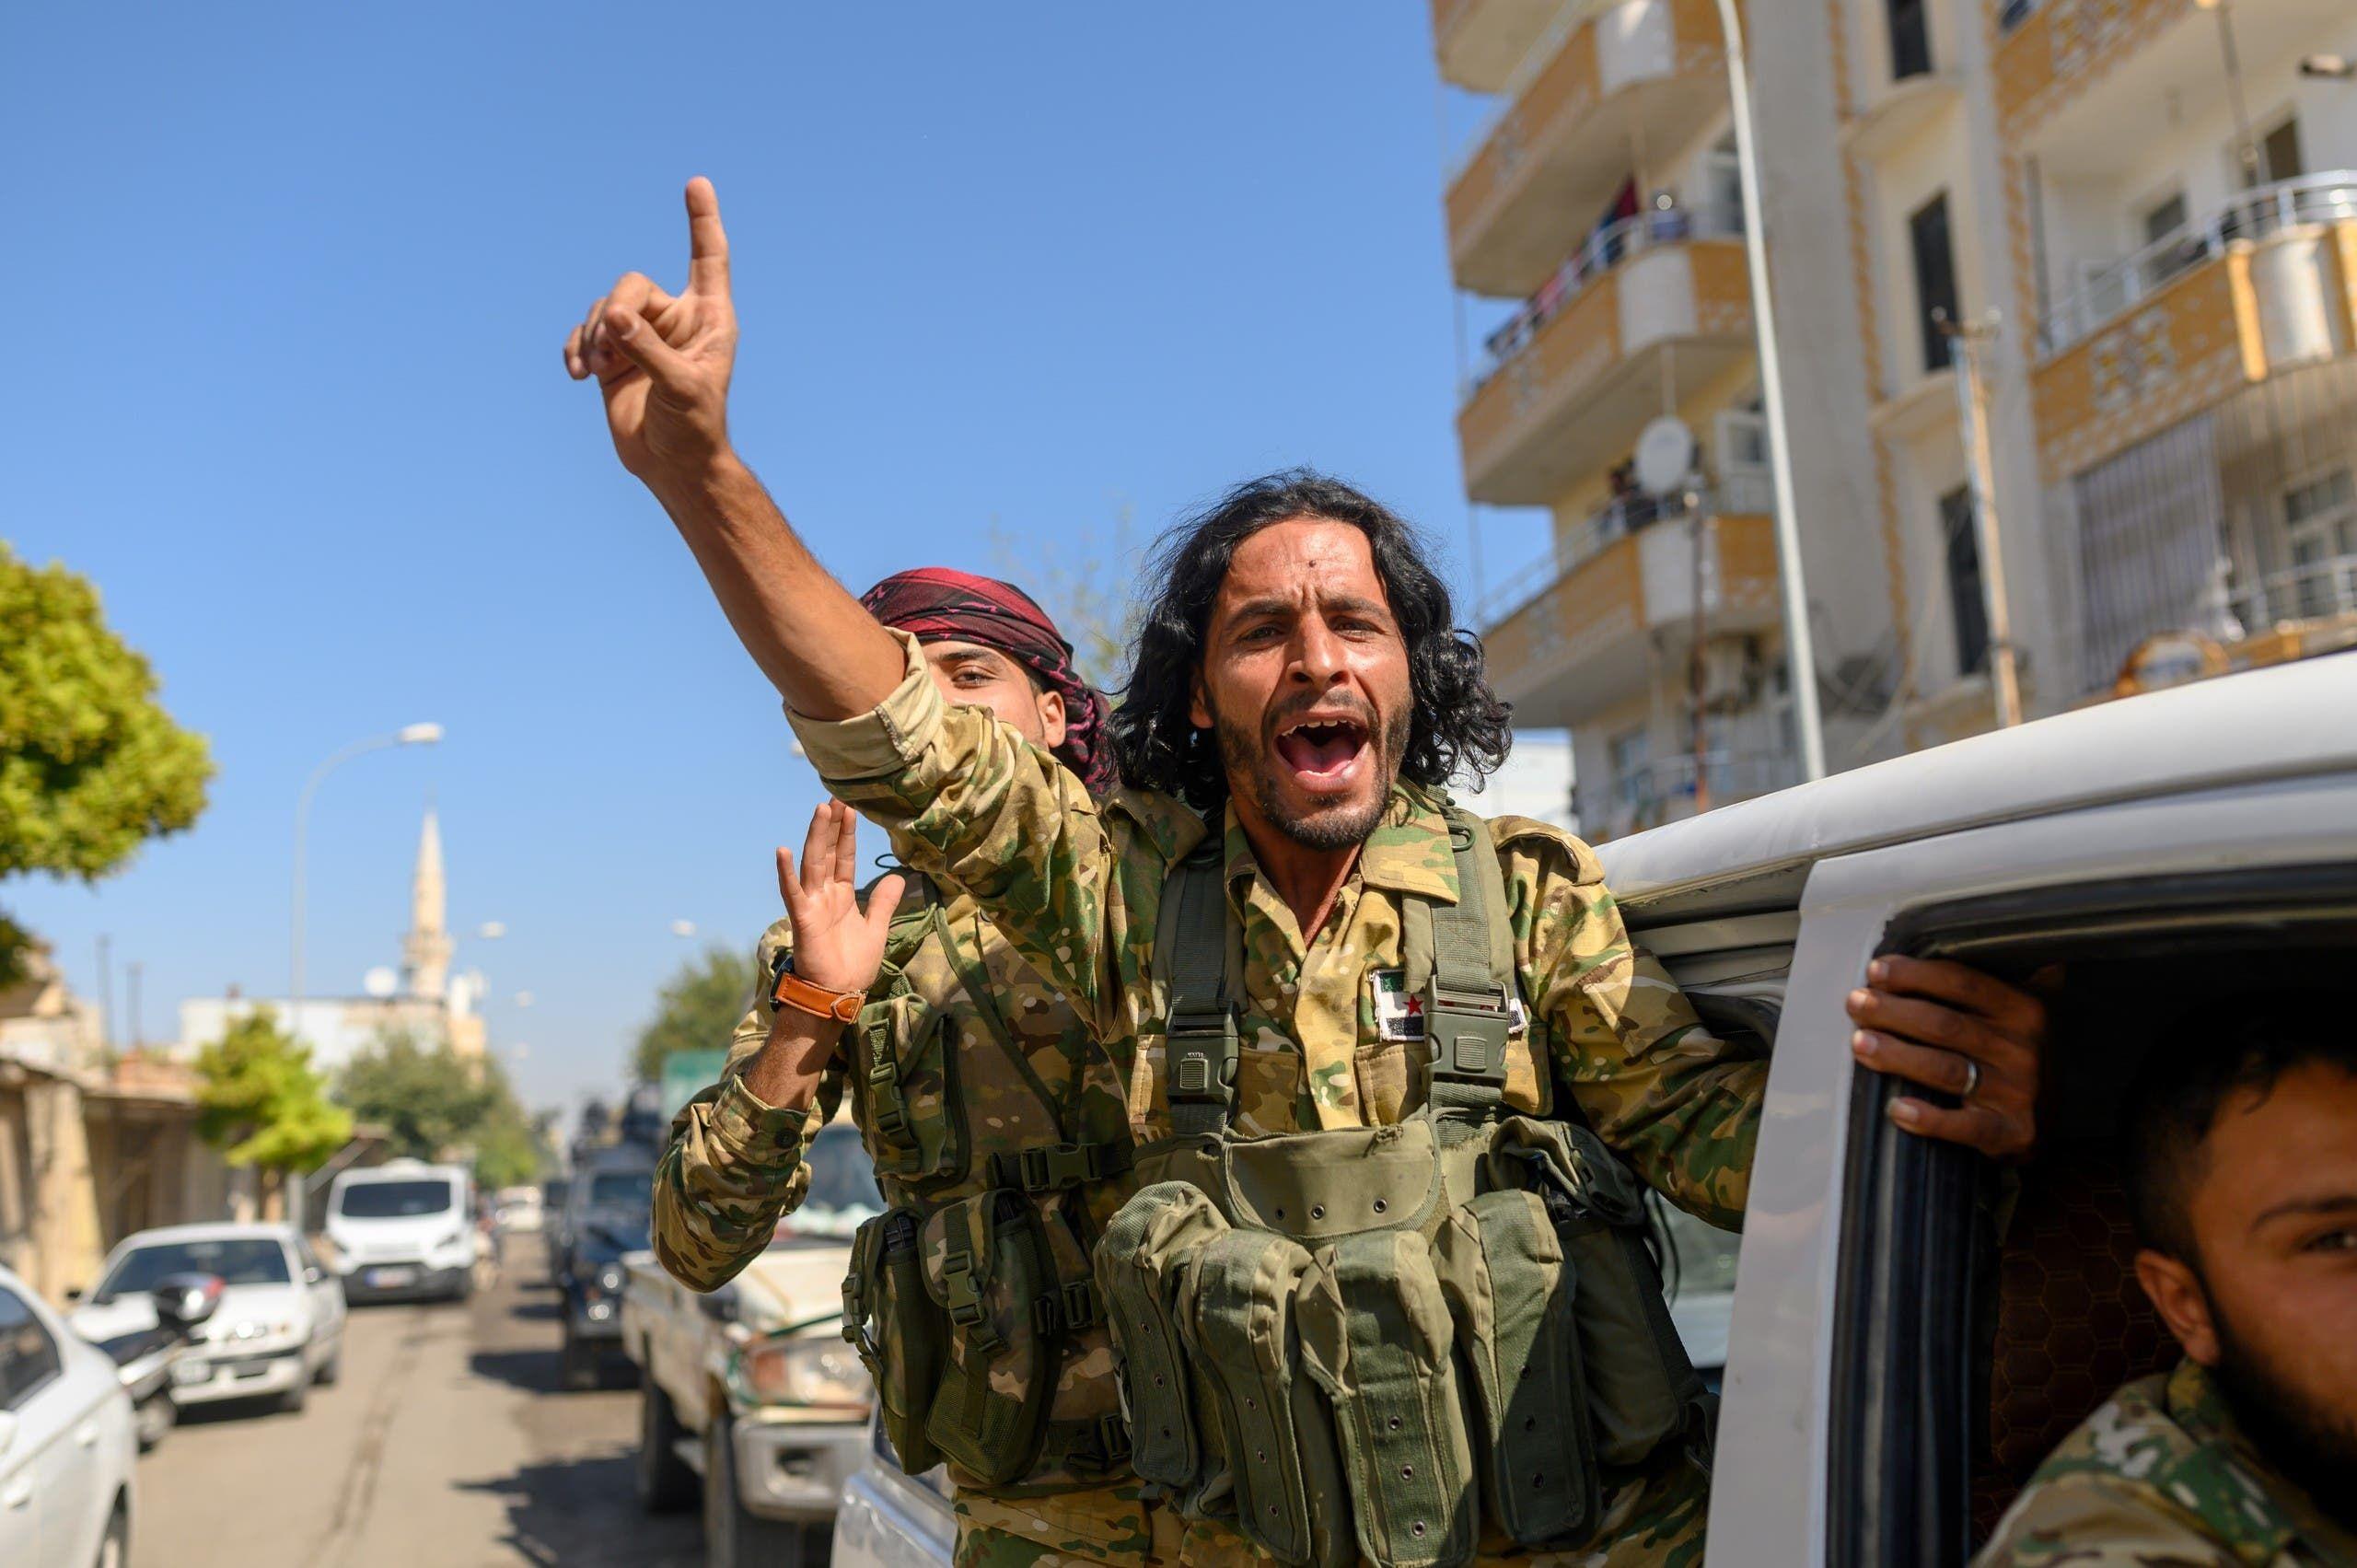 عناصر من الفصائل المسلحة الموالية لأنقرة شمال شرق سوريا(فرانس برس)